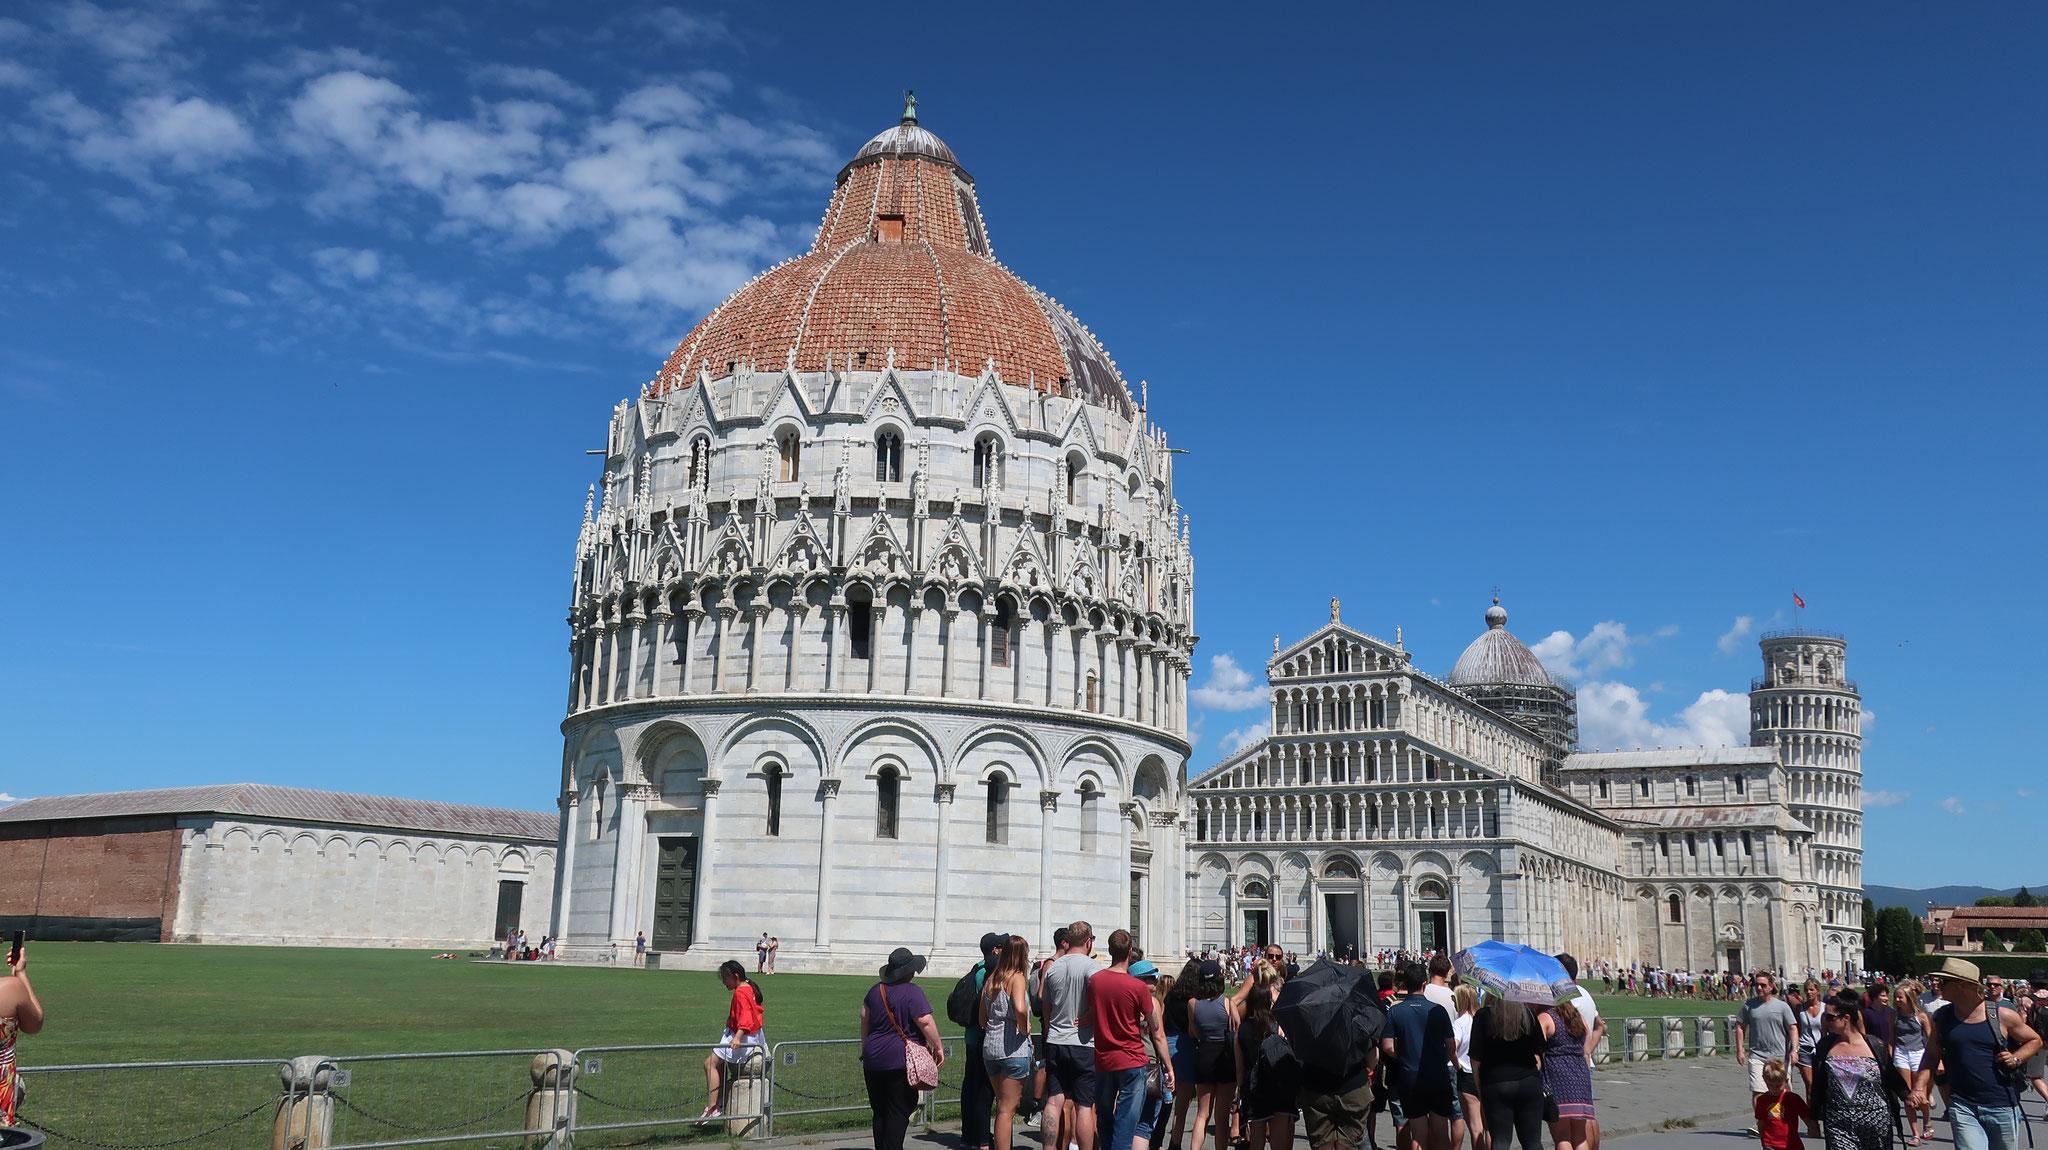 奇跡の広場。左から、カンポサント(納骨堂)、洗礼堂、大聖堂、斜塔(鐘楼)が並びます。